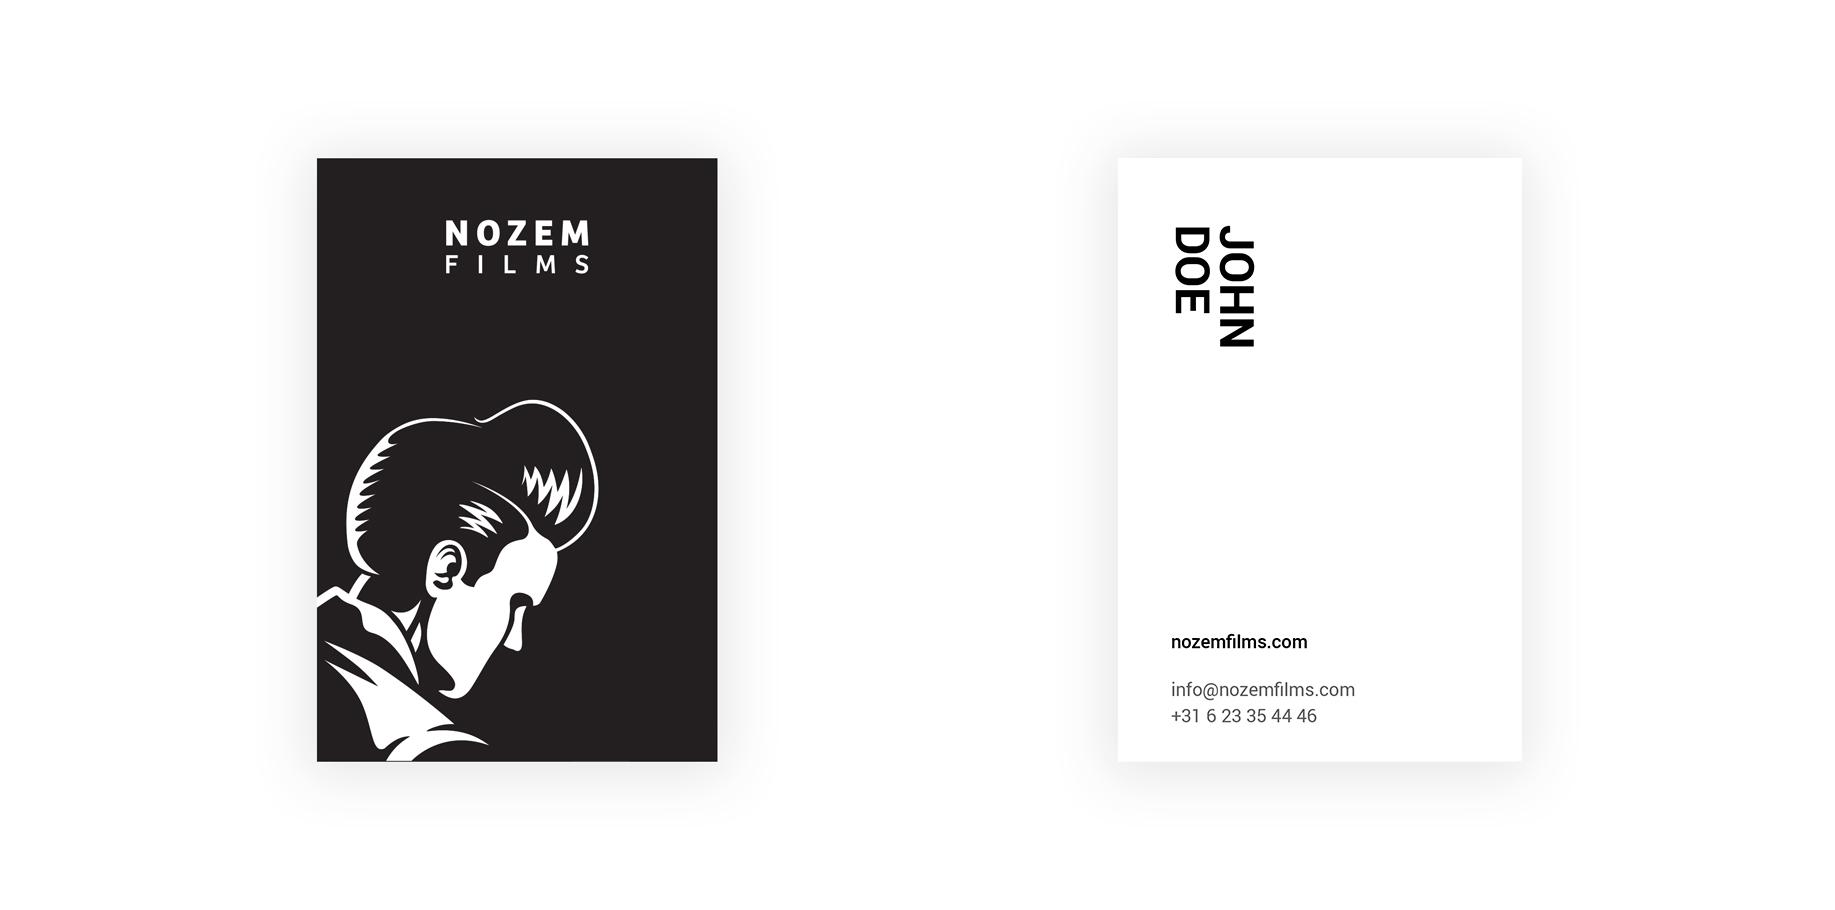 nozem_films_06